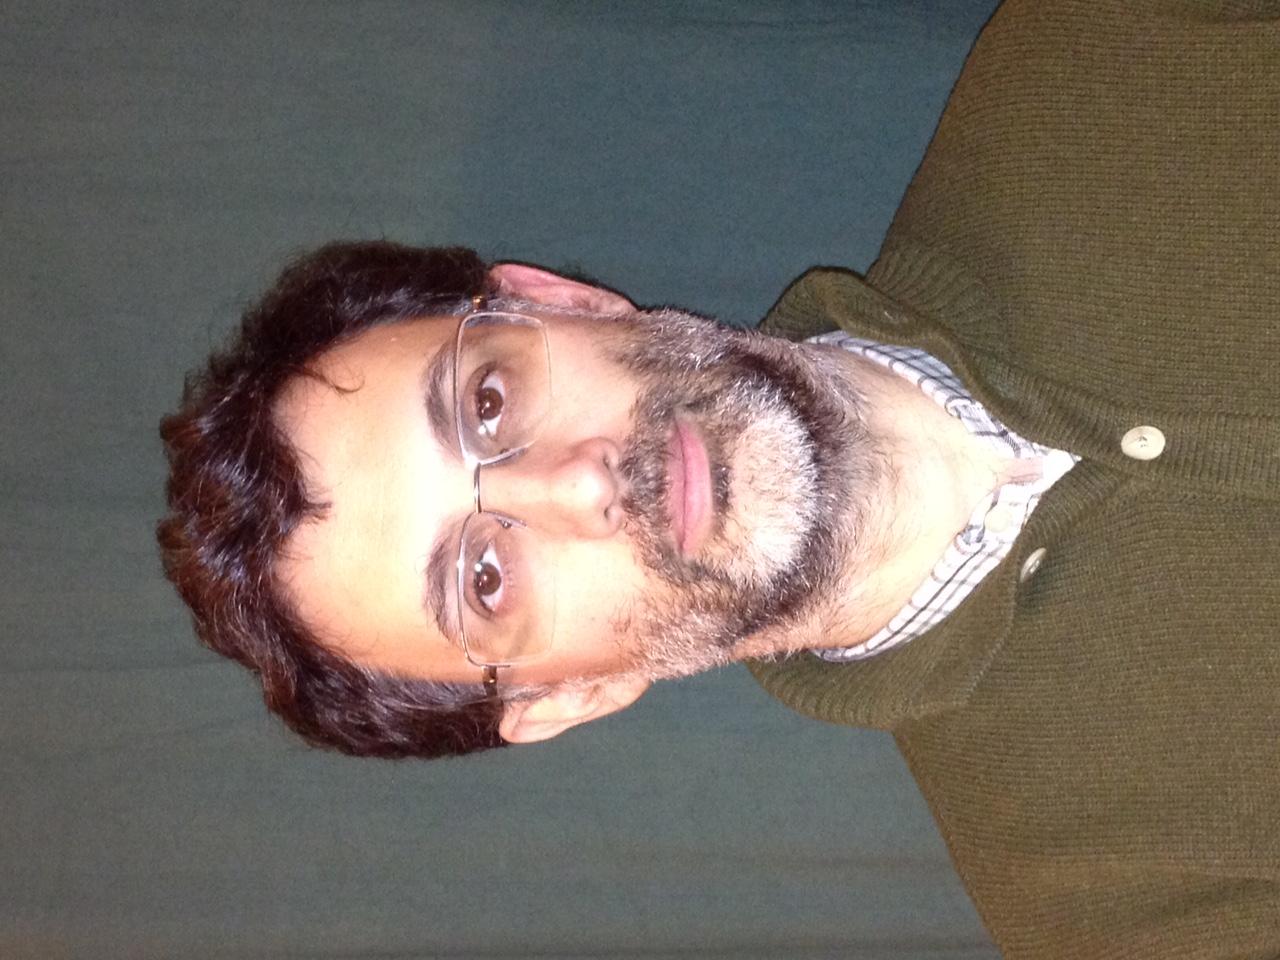 Eduardo Jorge Marques de Oliveira Ferraz